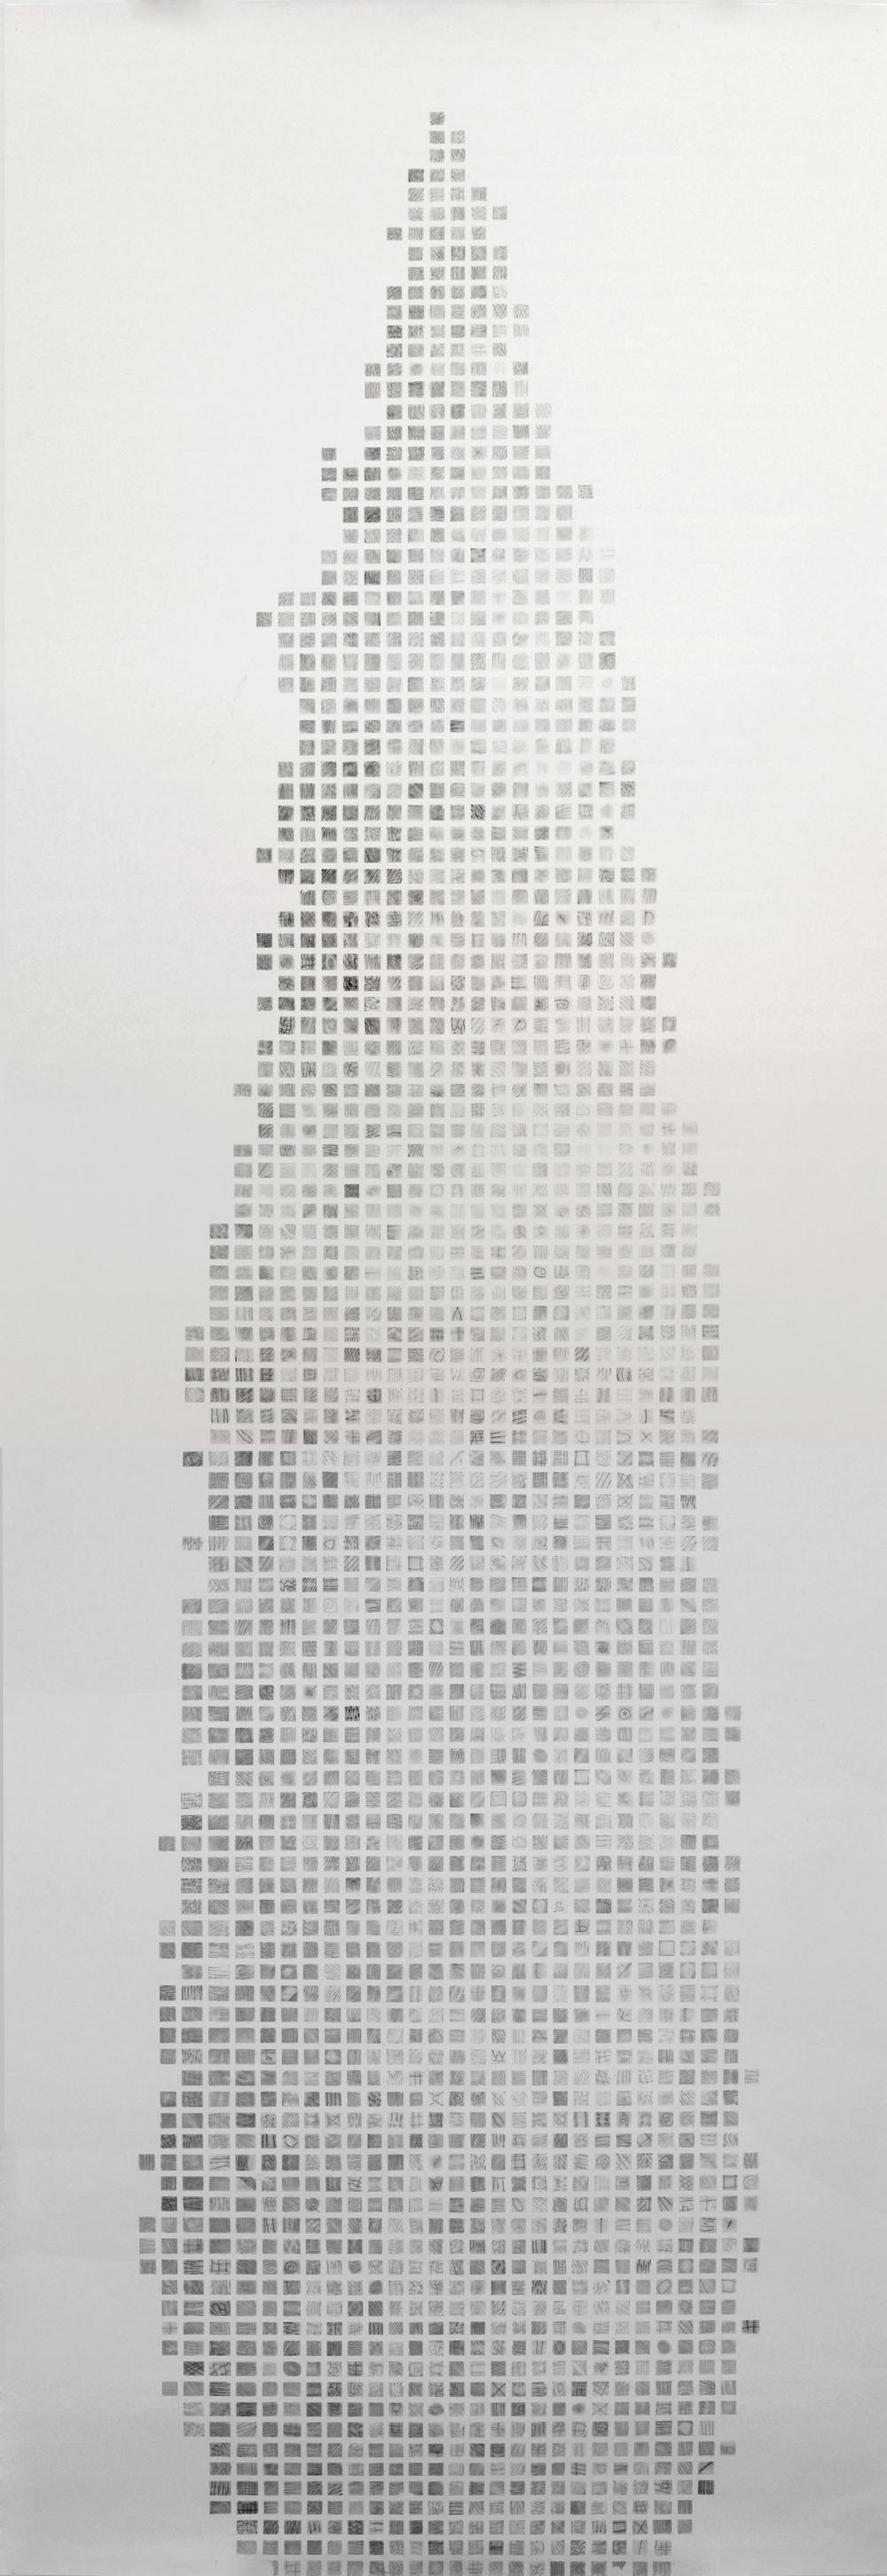 Pixel Landscape #4